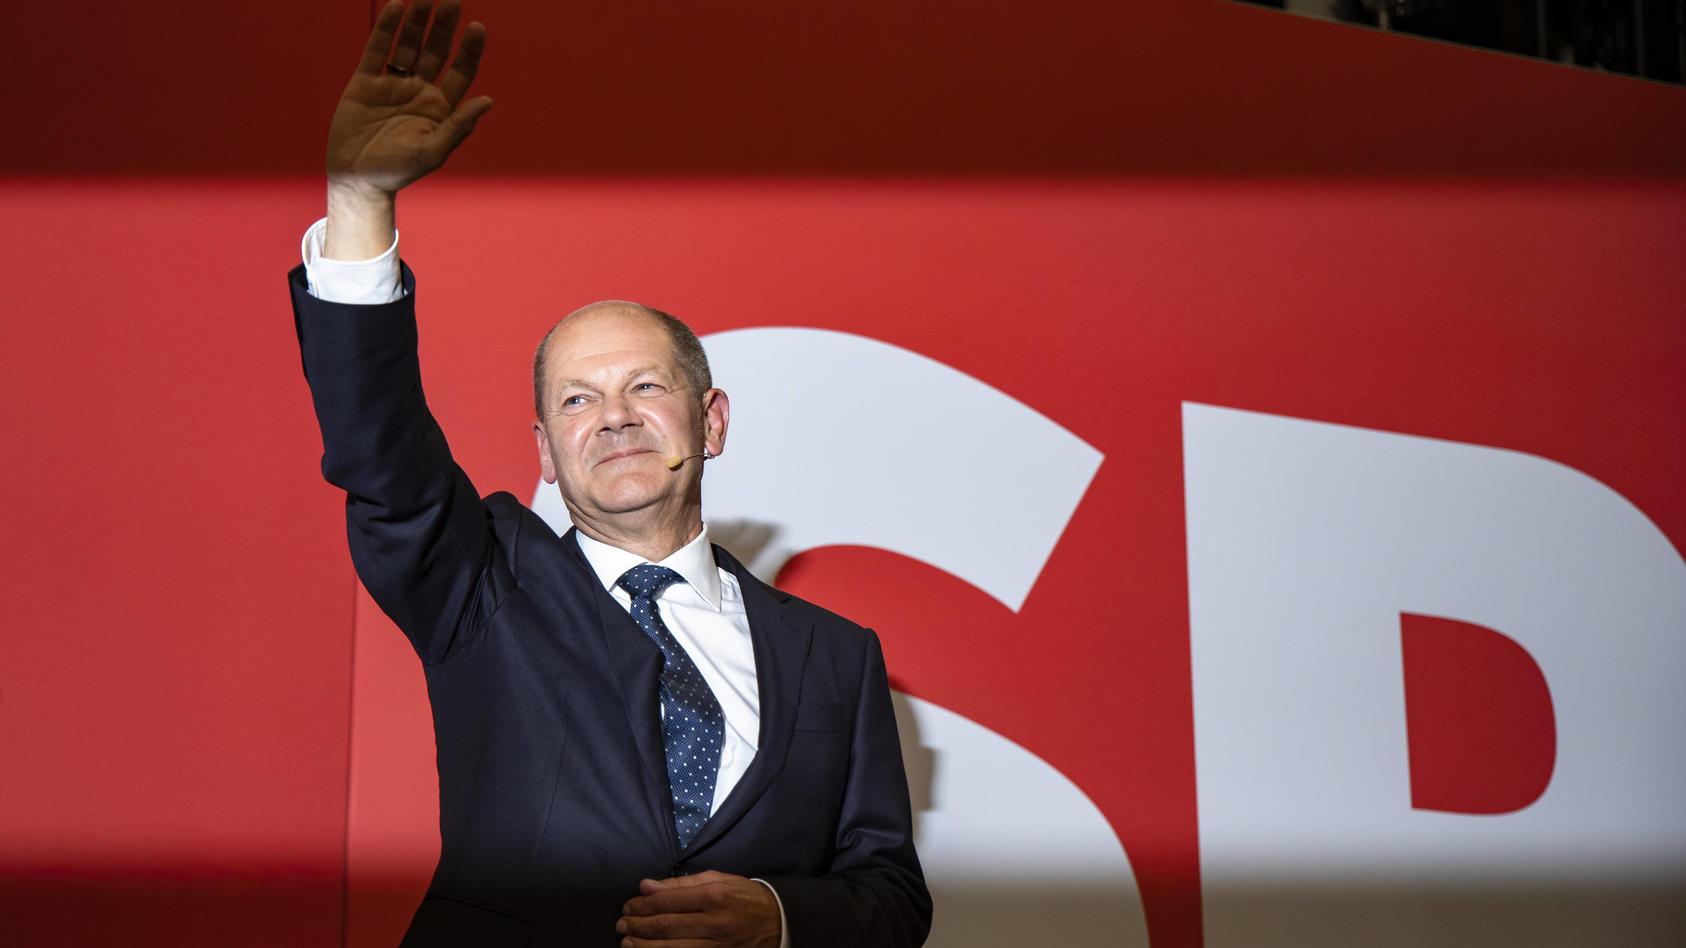 Olaf Scholz beim Wahlabend zur Bundestagswahl bei der SPD im Willy-Brandt-Haus in Berlin am 26. September 2021.